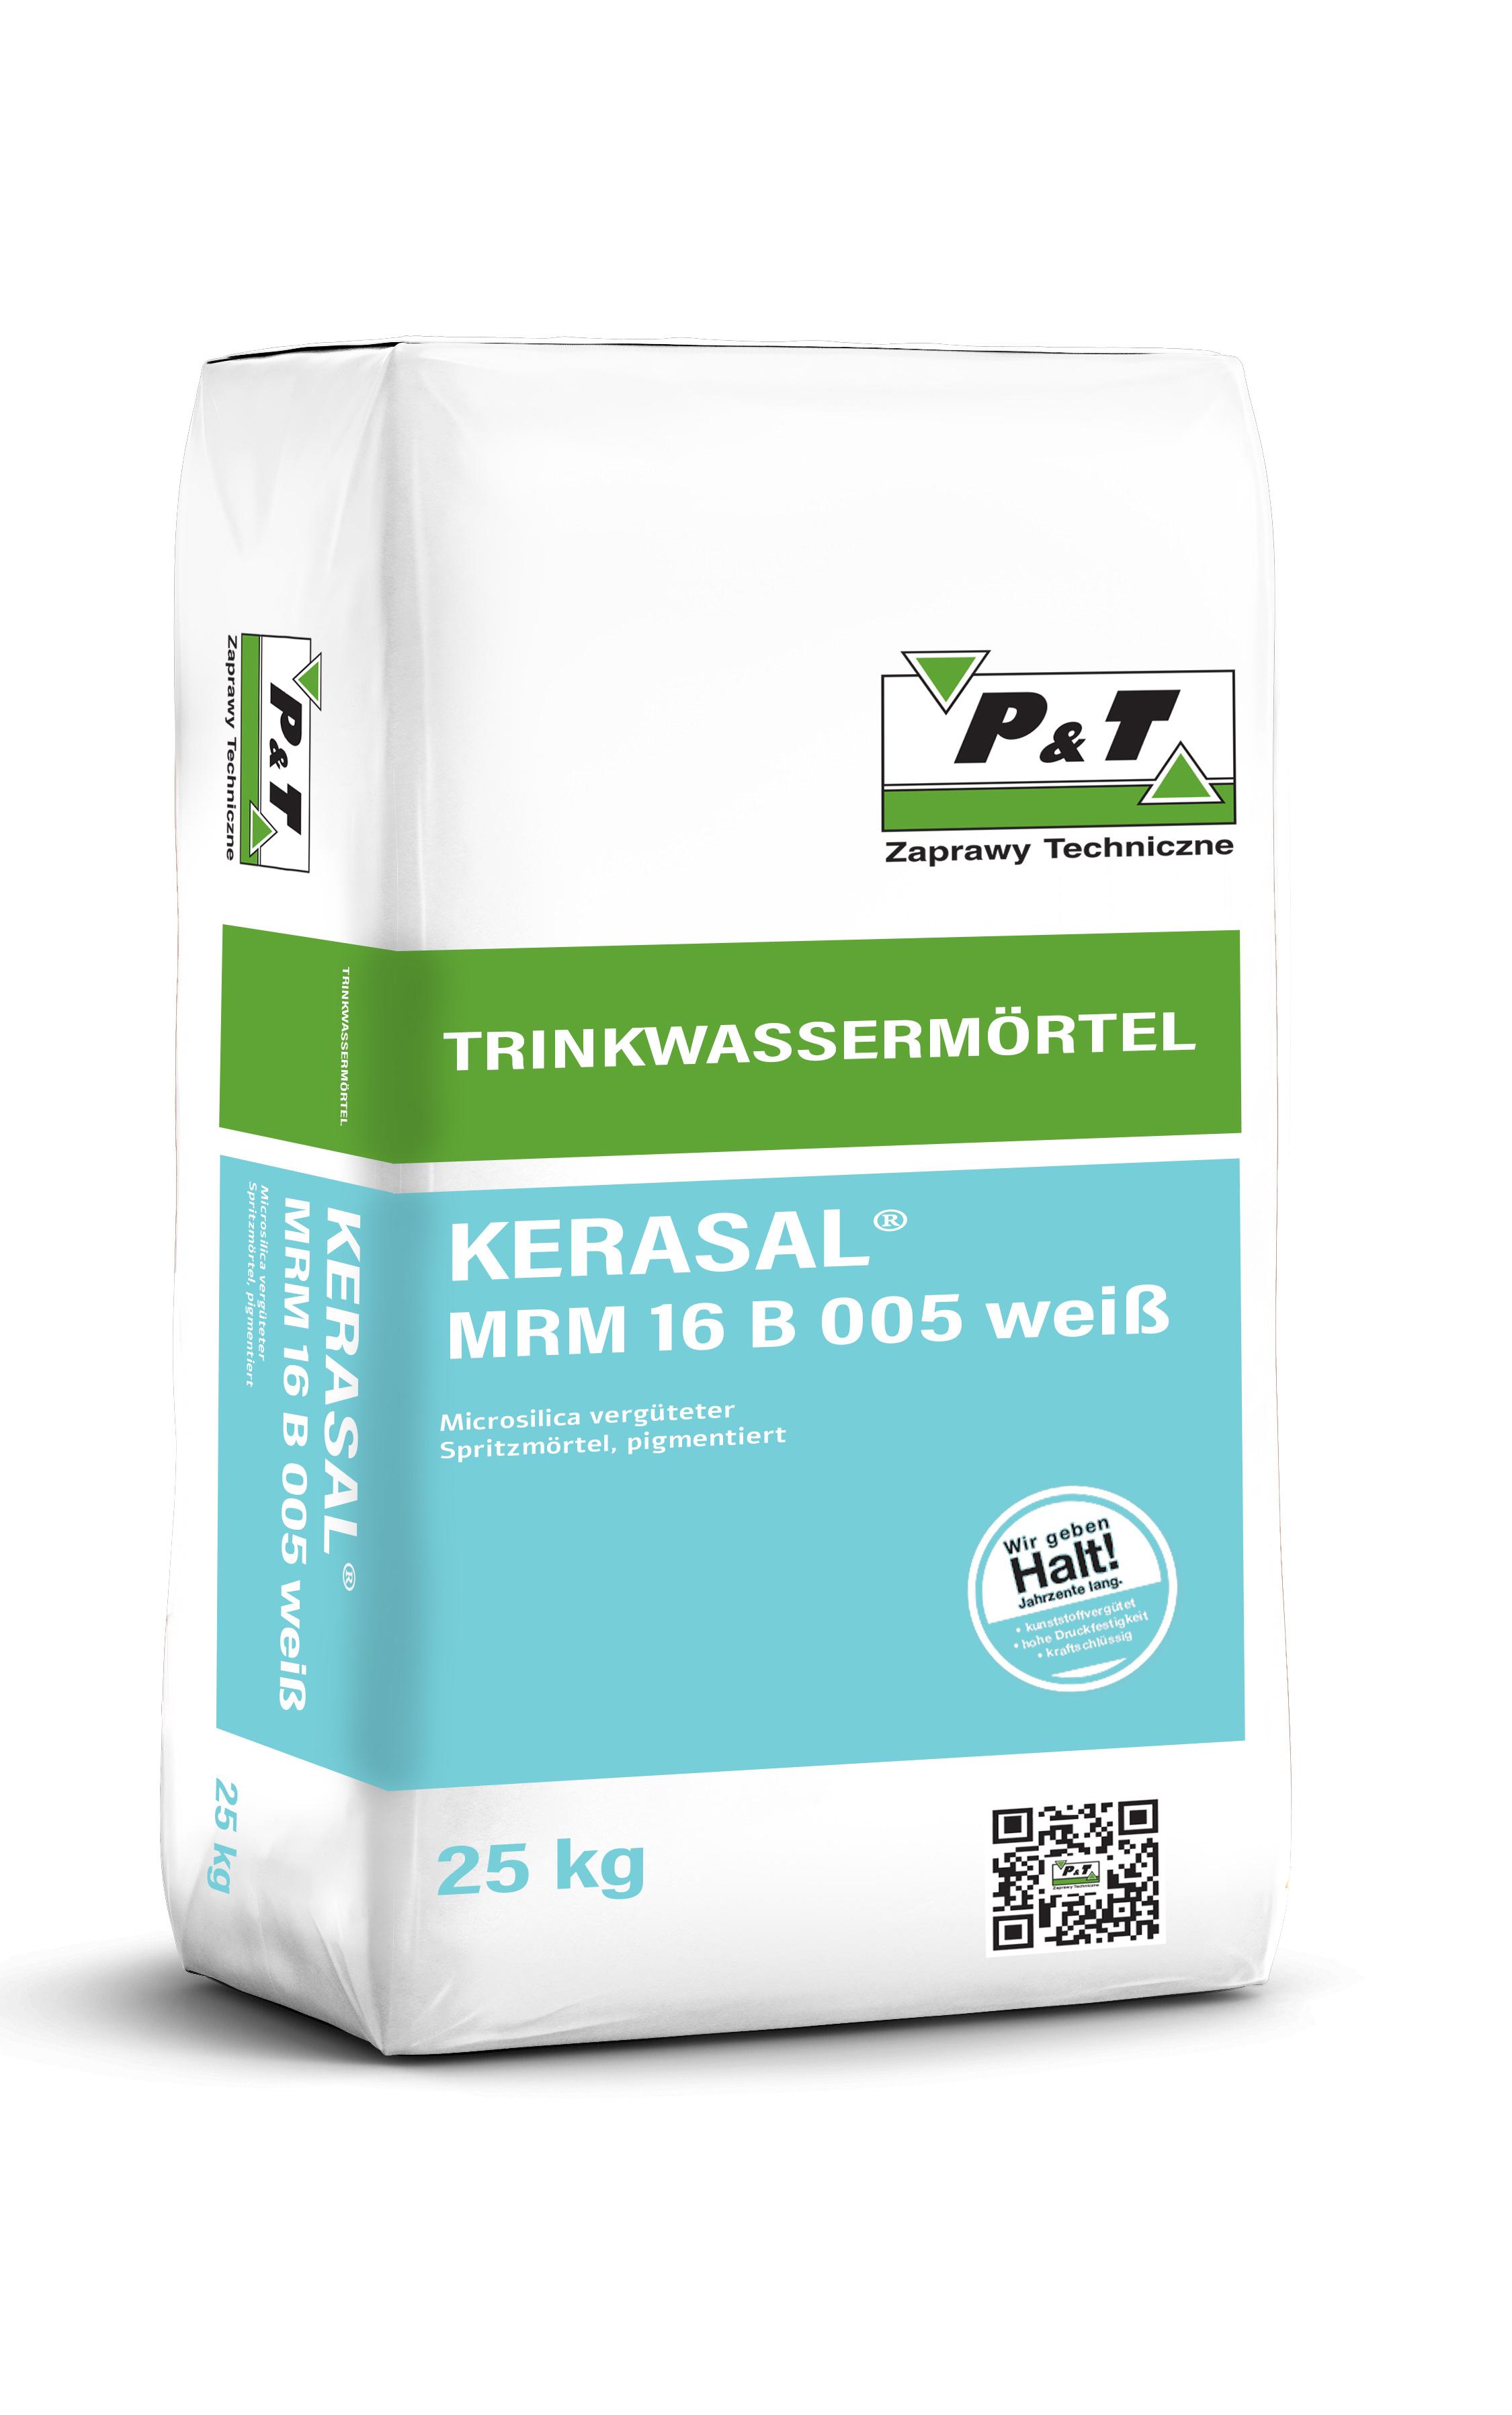 Kerasal MRM 16 B 005 weiß